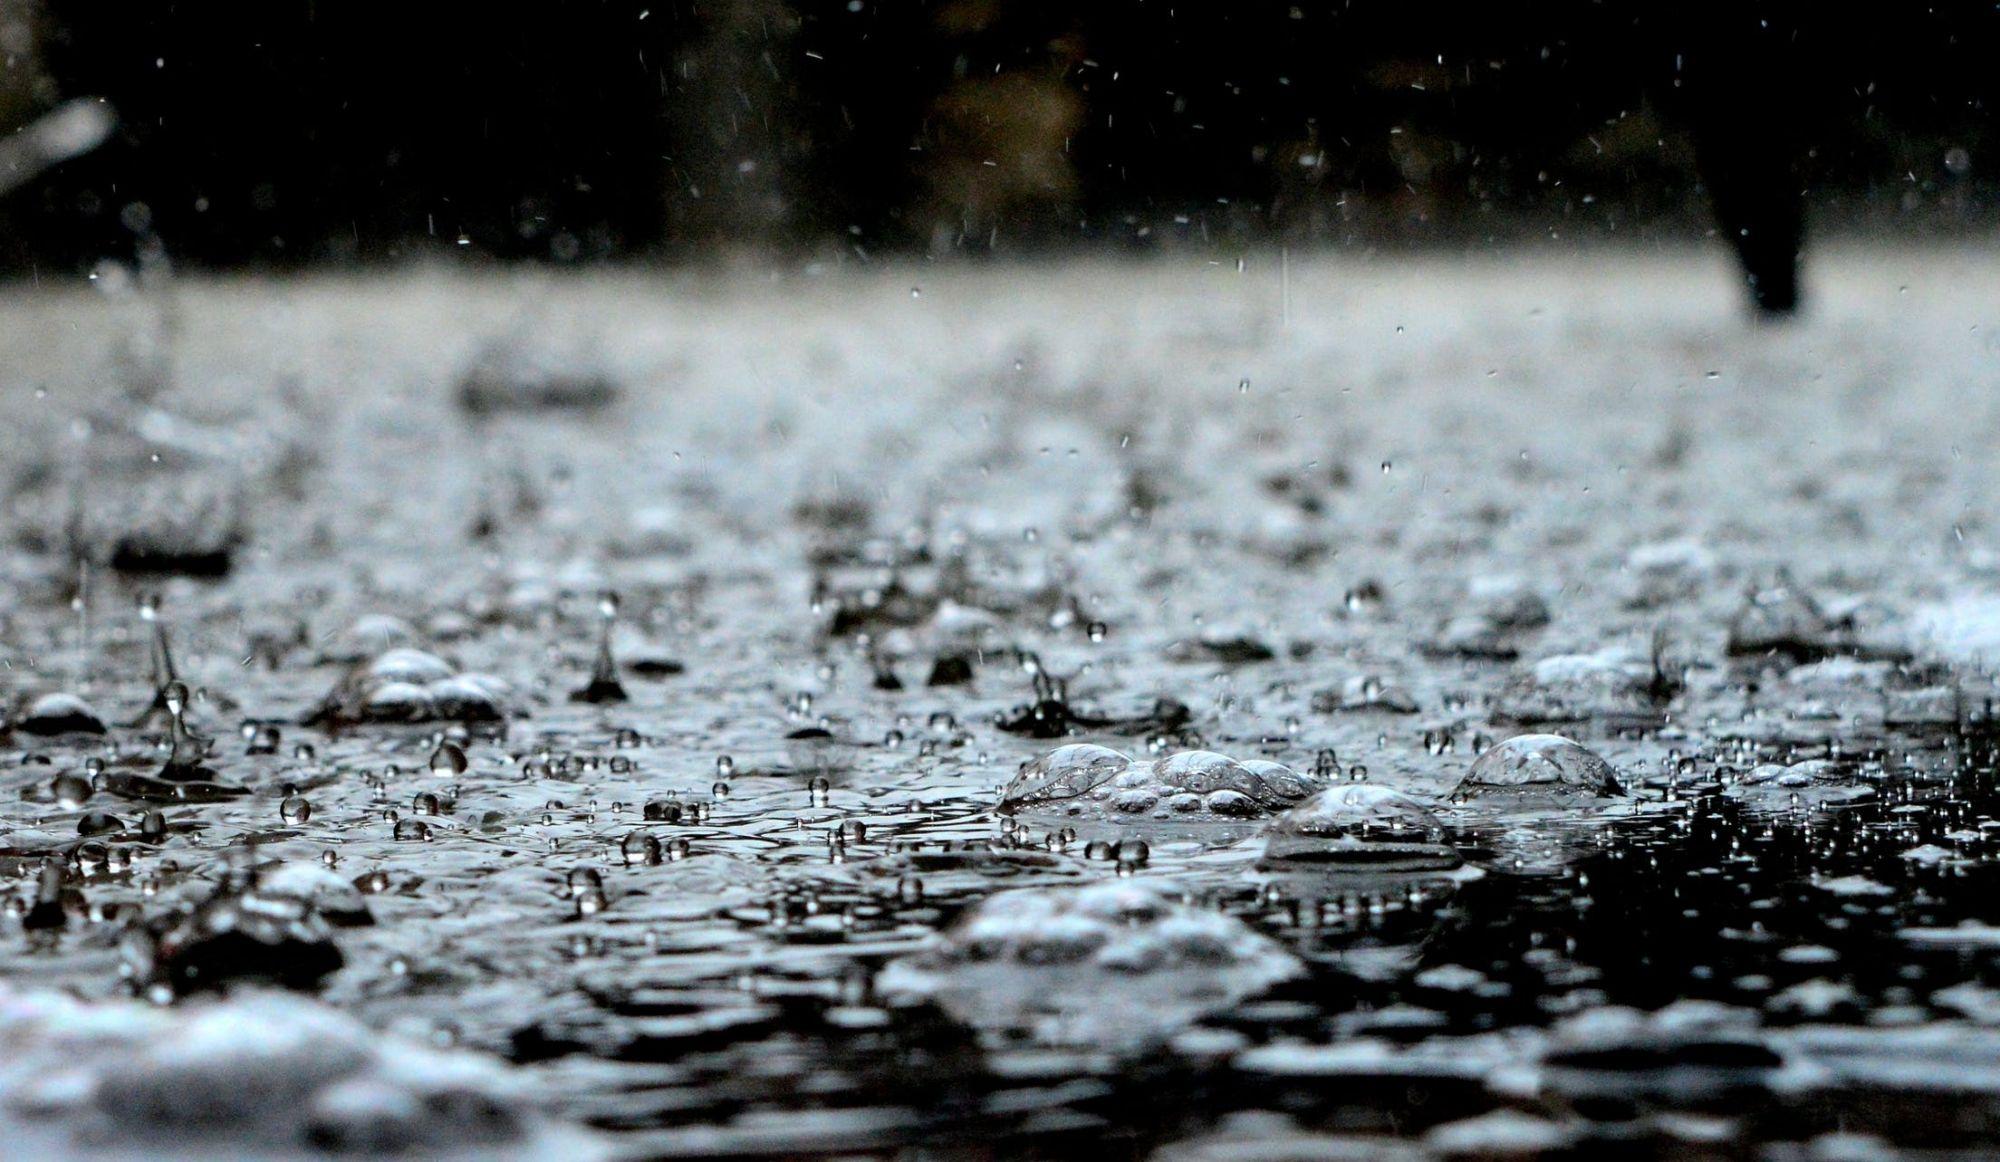 Pluie verglaçante: écoles fermées, 51 000 abonnés privés de courant